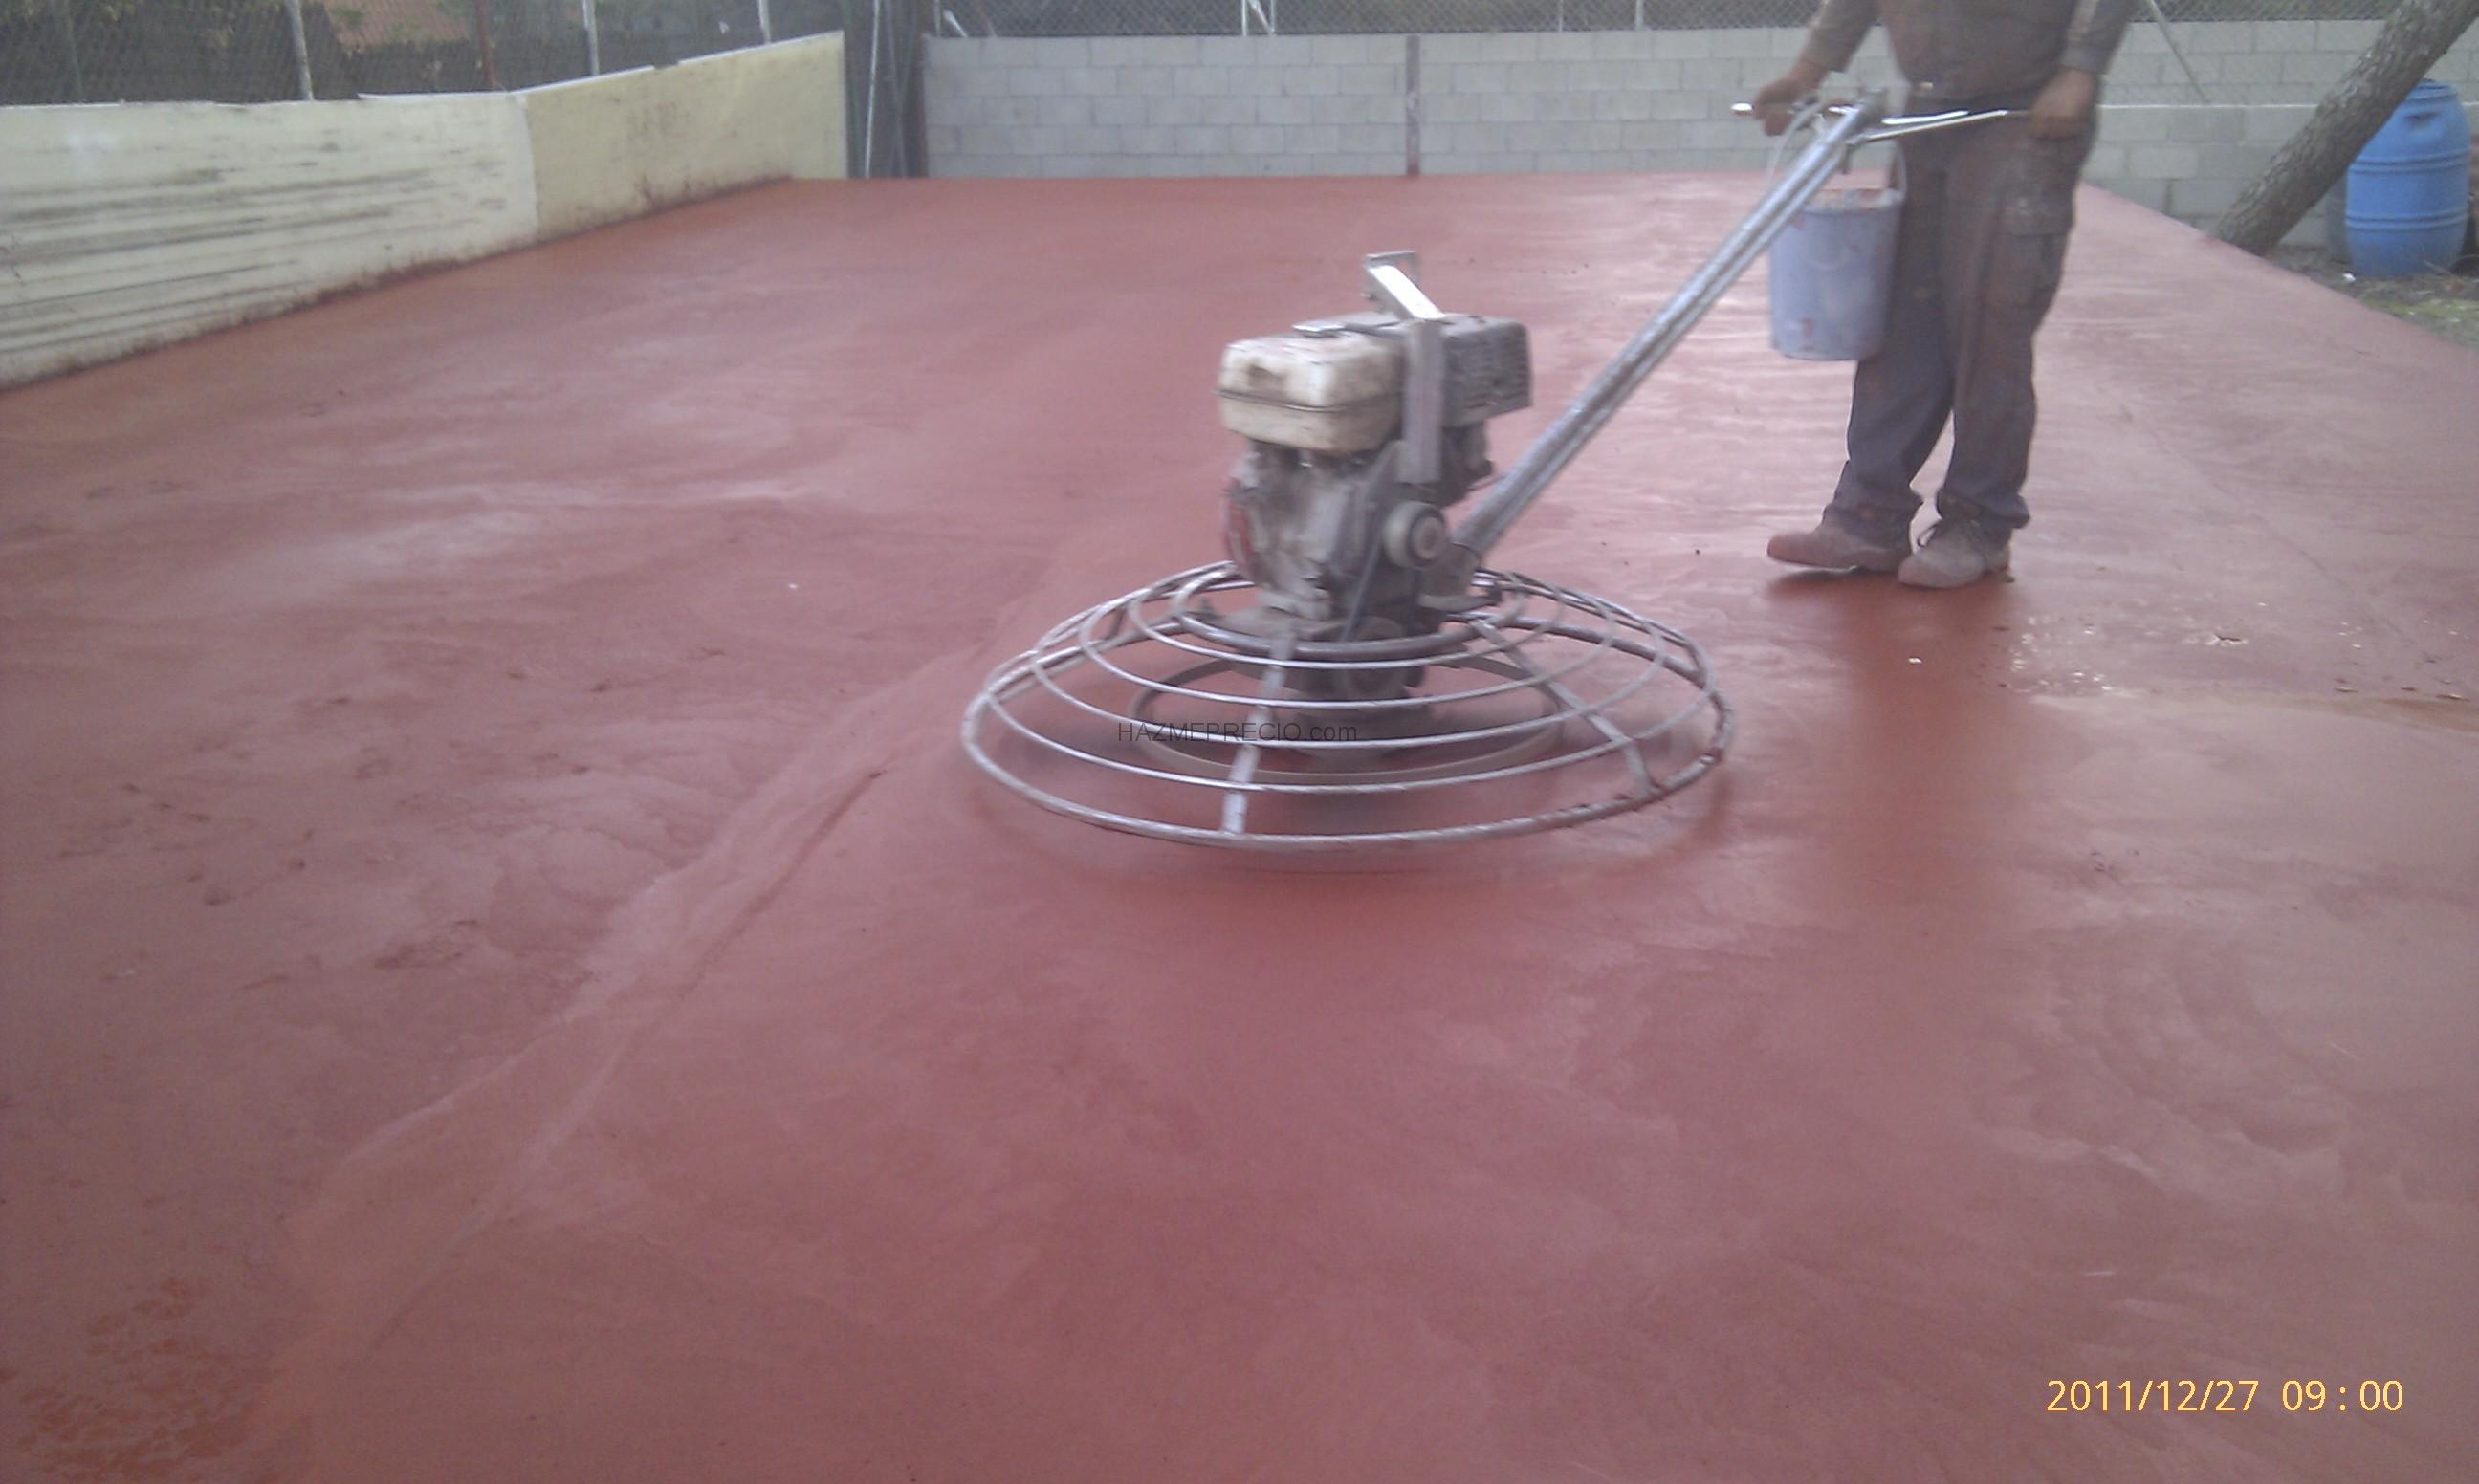 Presupuesto para poner suelo de alrededor de una piscina - Hormigon pulido colores ...